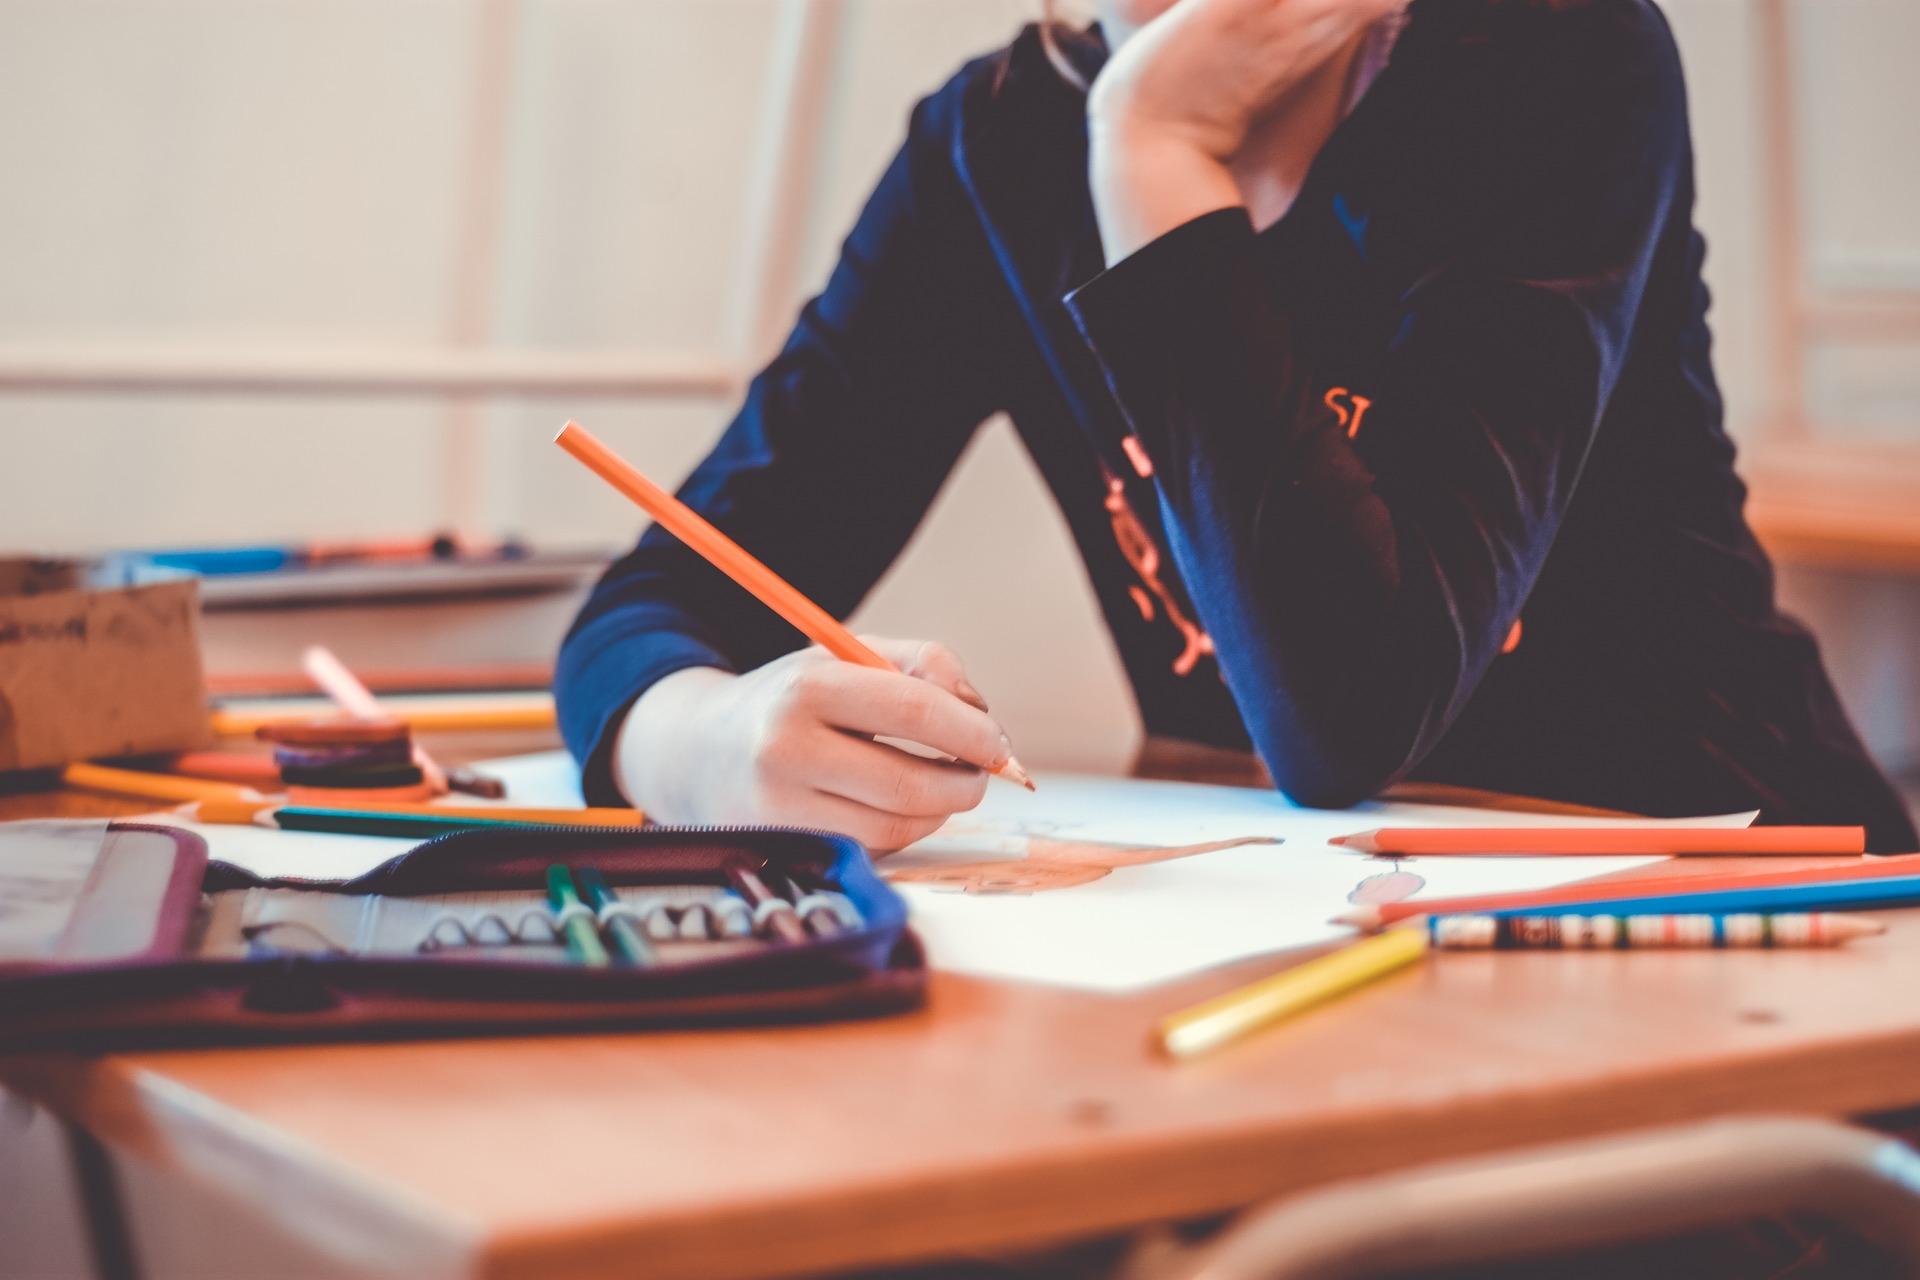 独学派必見!高校生や社会人が中学レベルの超基礎から英語をやり直すオススメの参考書